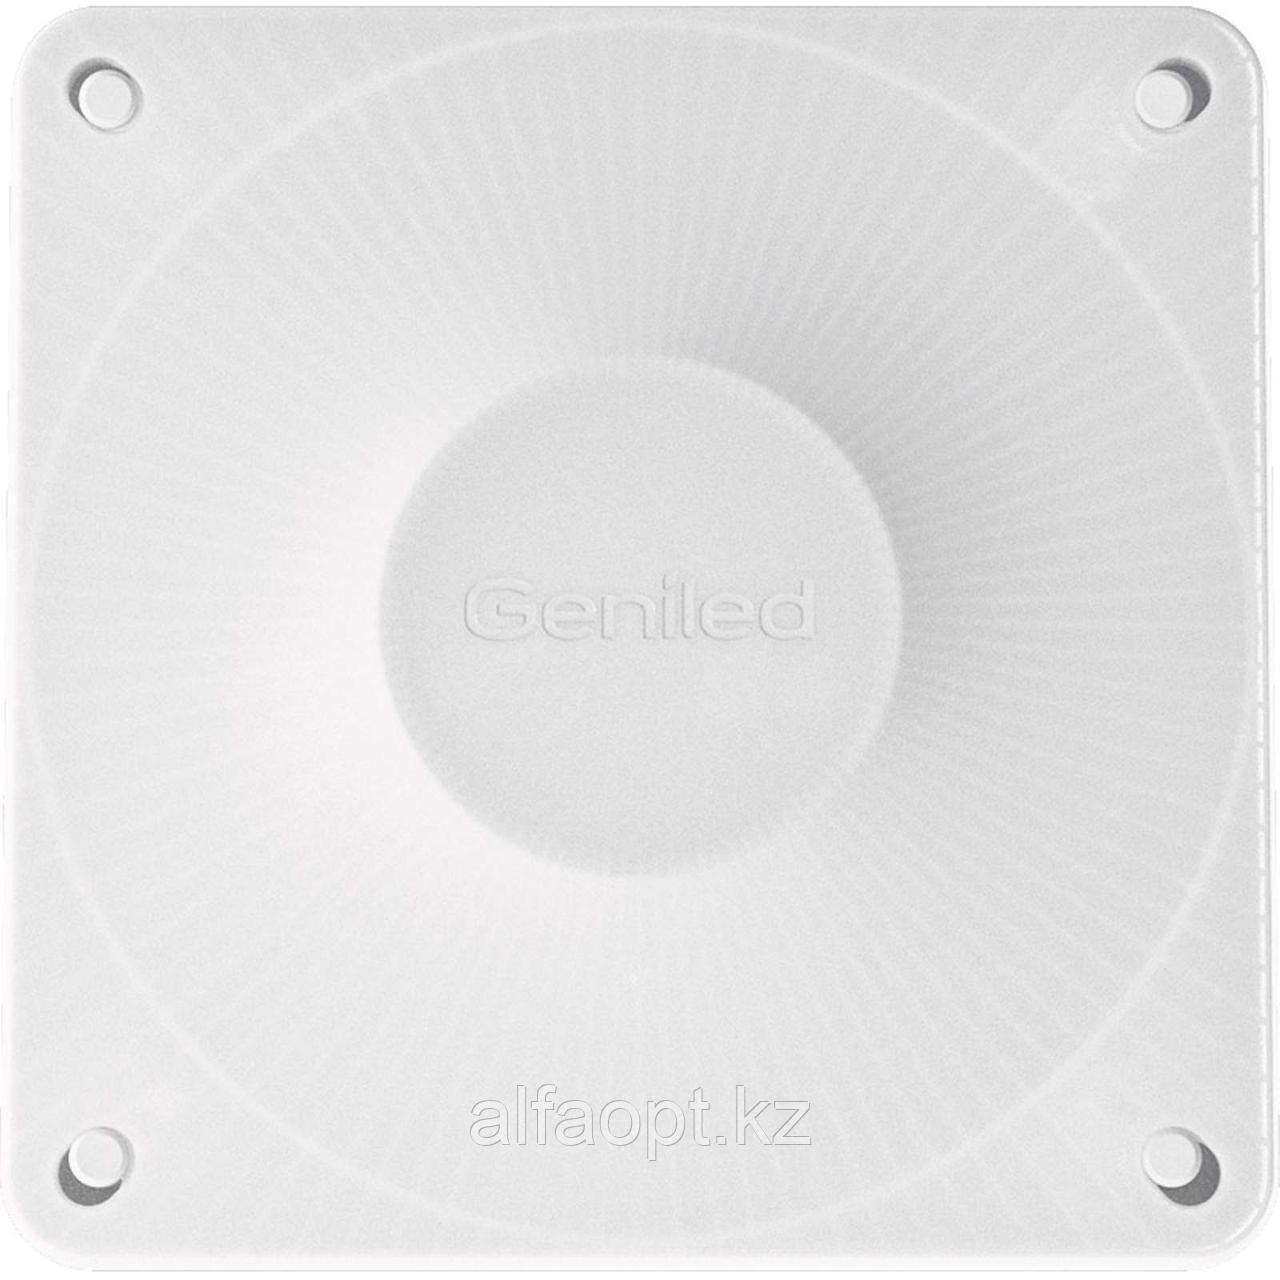 Светодиодный светильник Geniled Public  (15W 4200К)